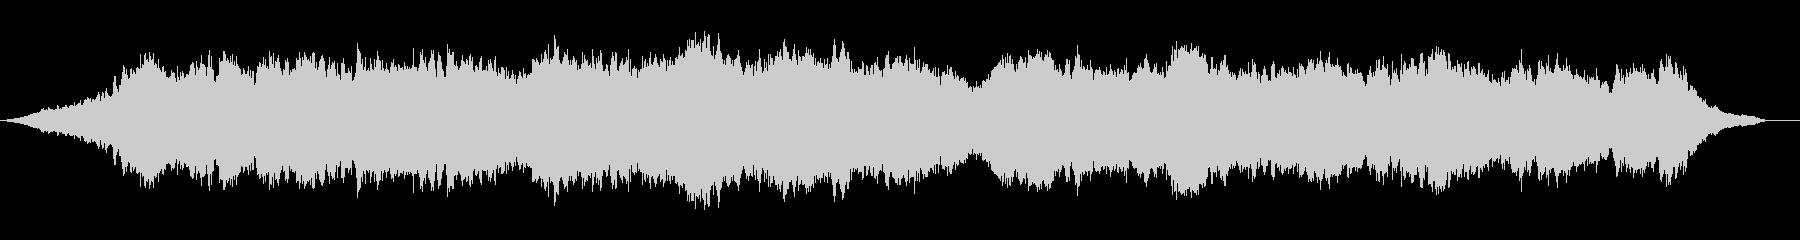 Lo-fi  ドローンアンビエントの未再生の波形